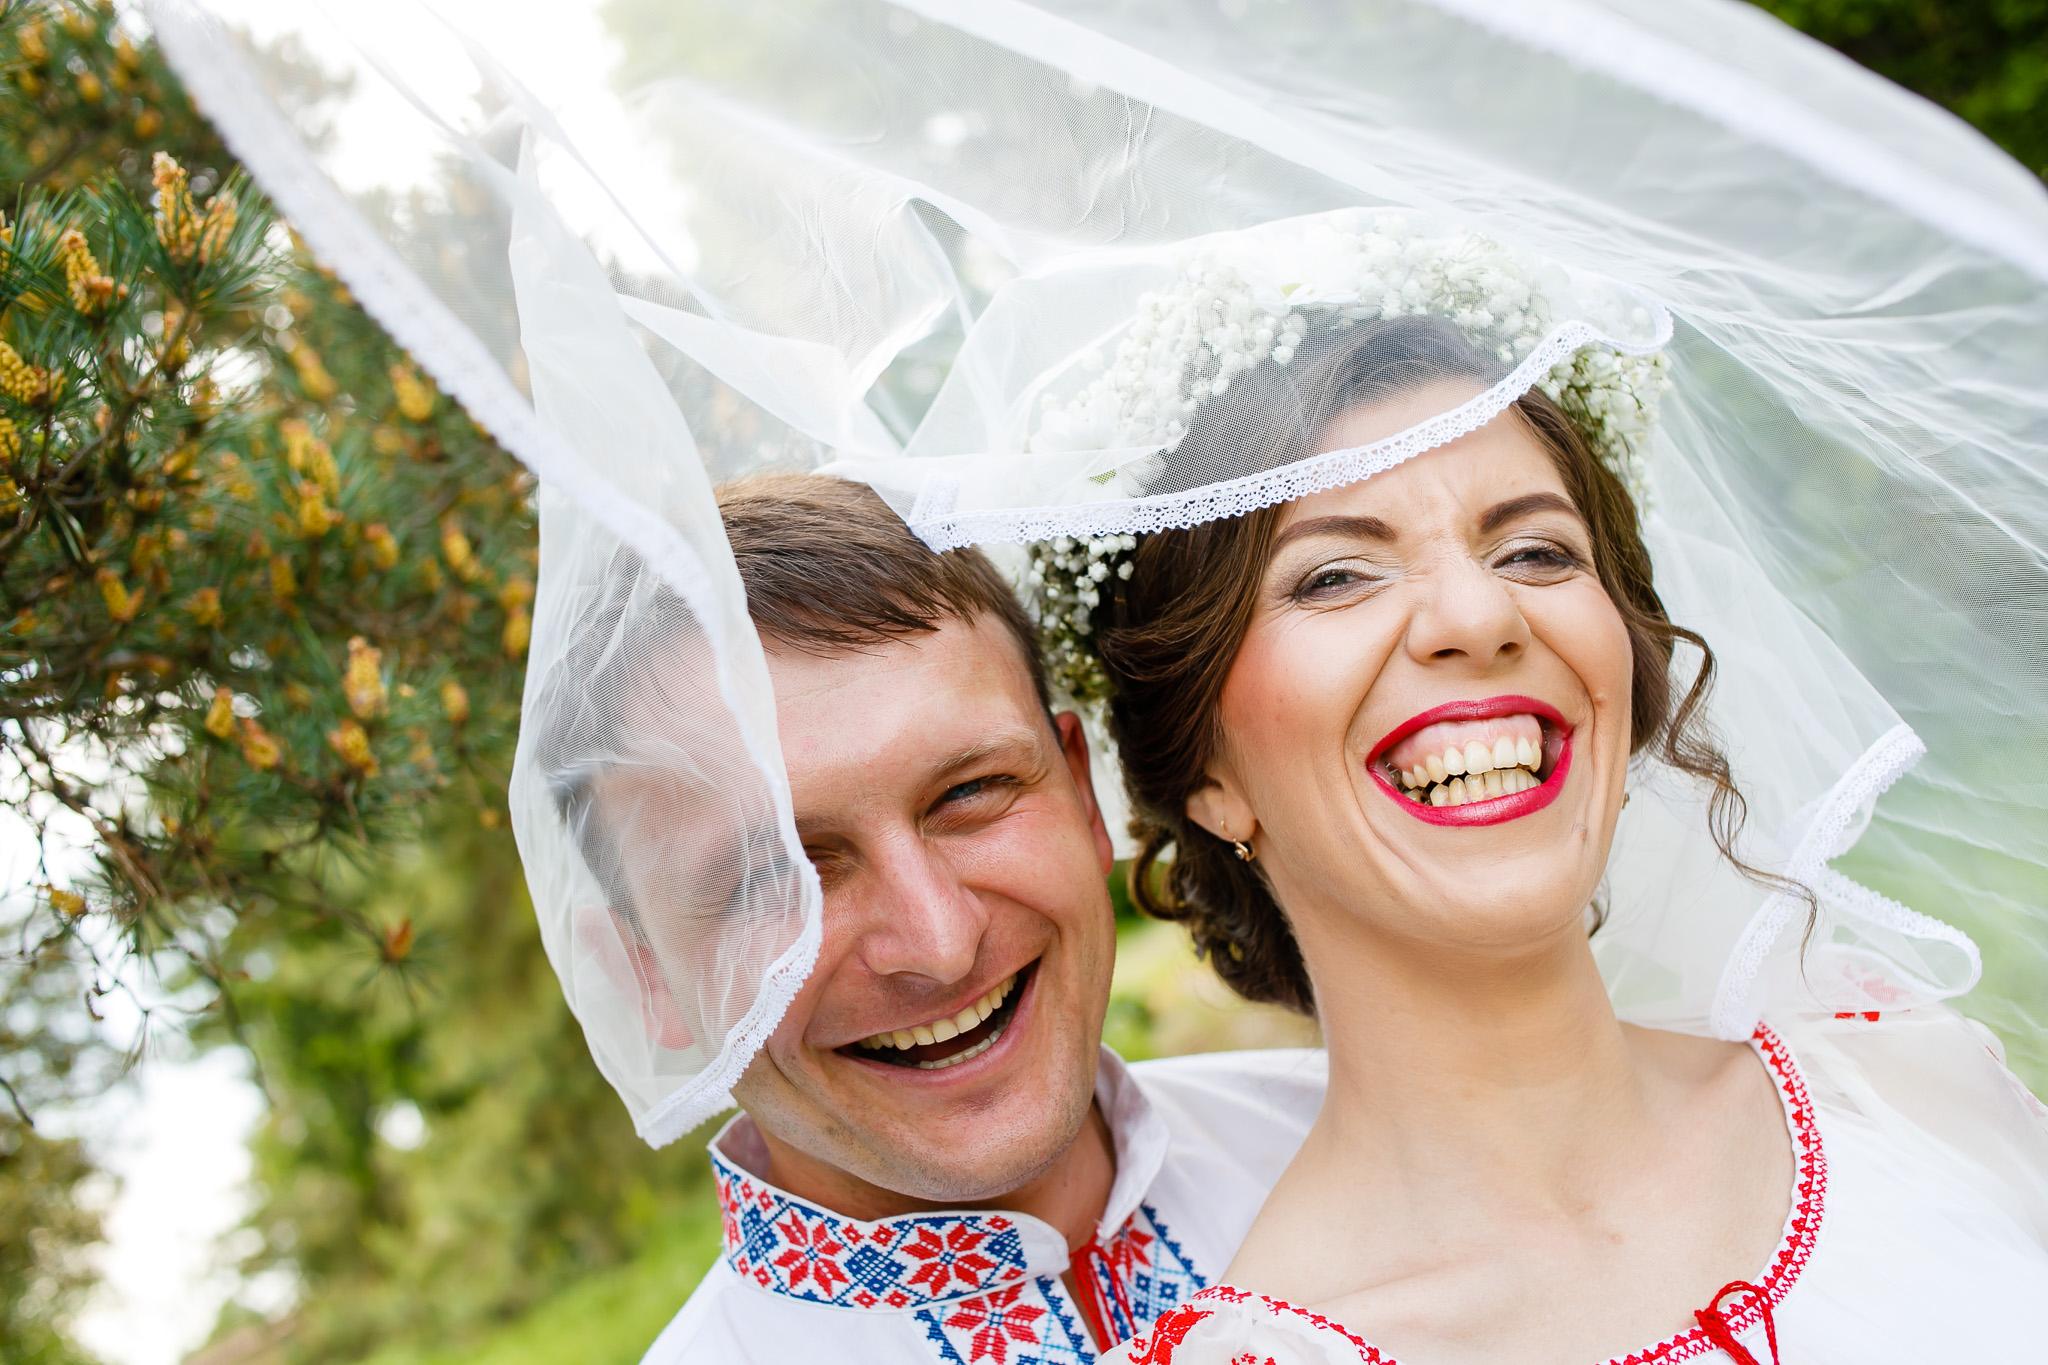 Nuntă tradițională Elisabeta și Alexandru fotograf profesionist nunta Iasi www.paulpadurariu.ro © 2018 Paul Padurariu fotograf de nunta Iasi sedinta foto miri 9